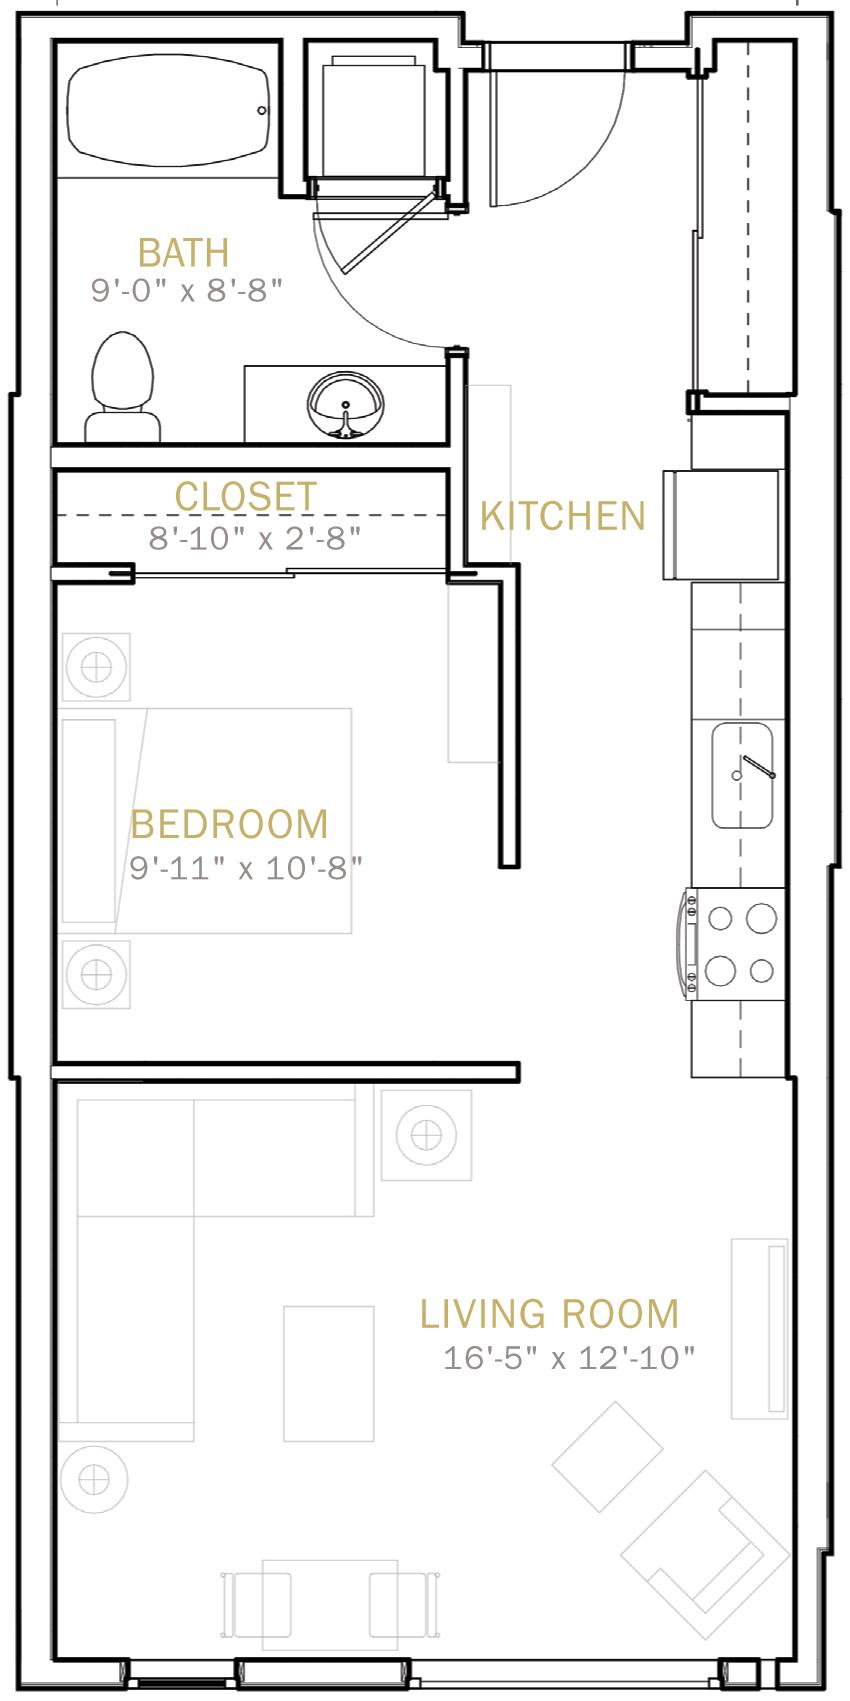 One Bedroom 640 Sqft